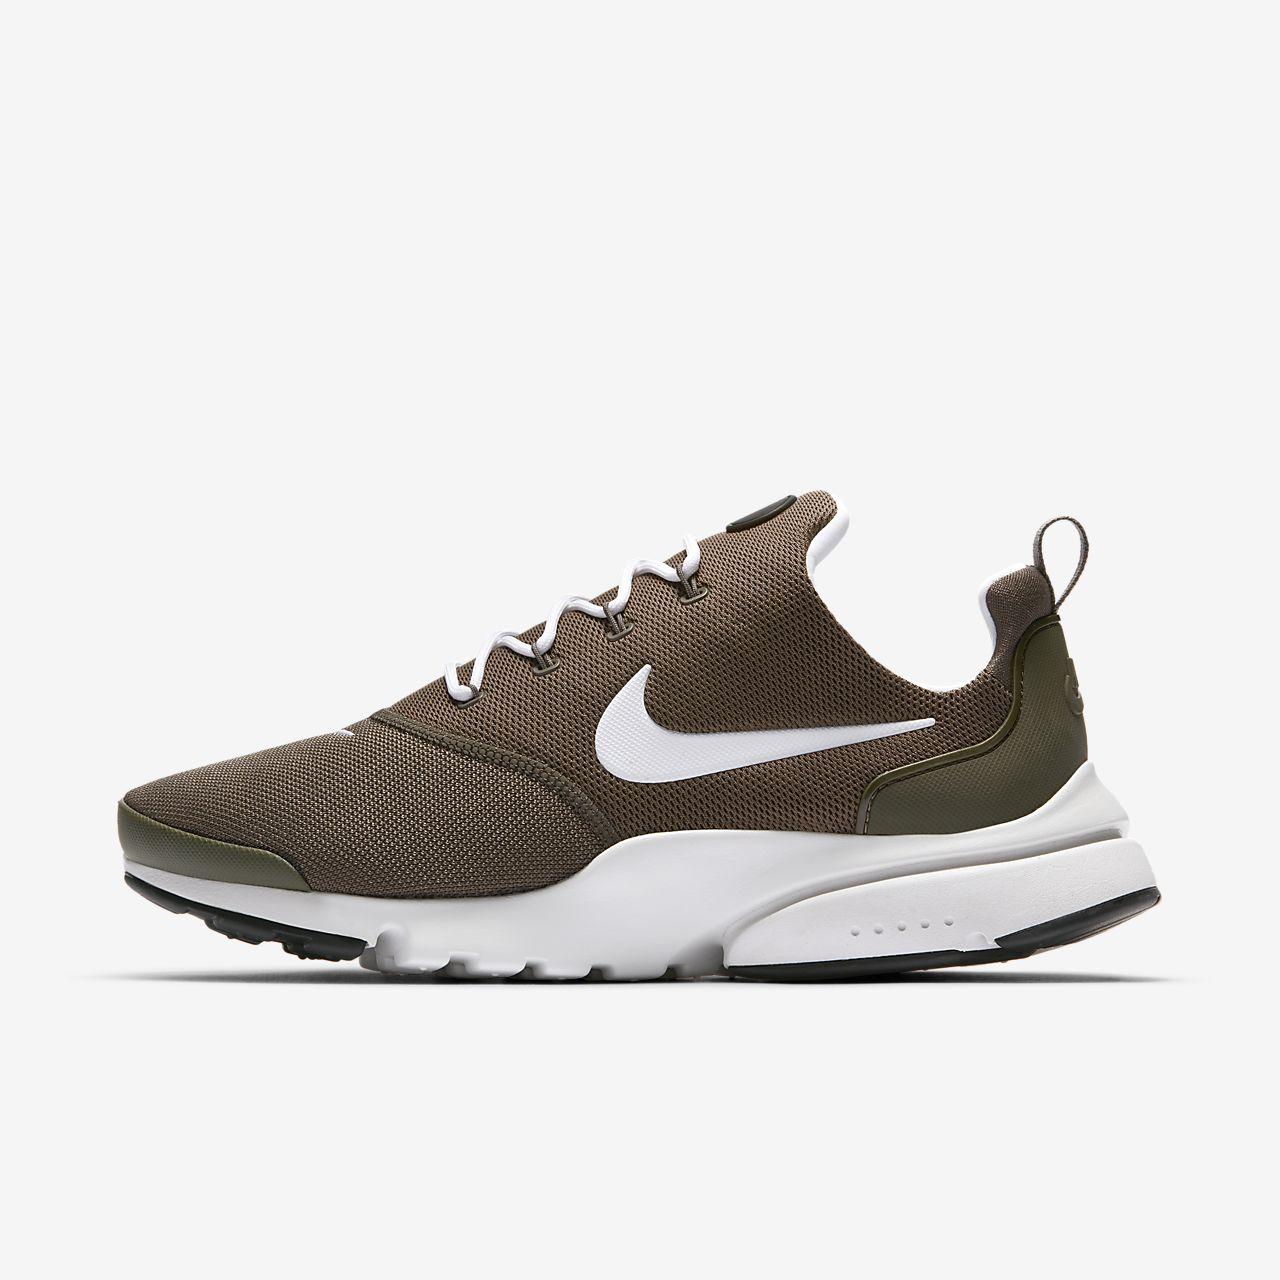 ... Nike Presto Fly Men's Shoe